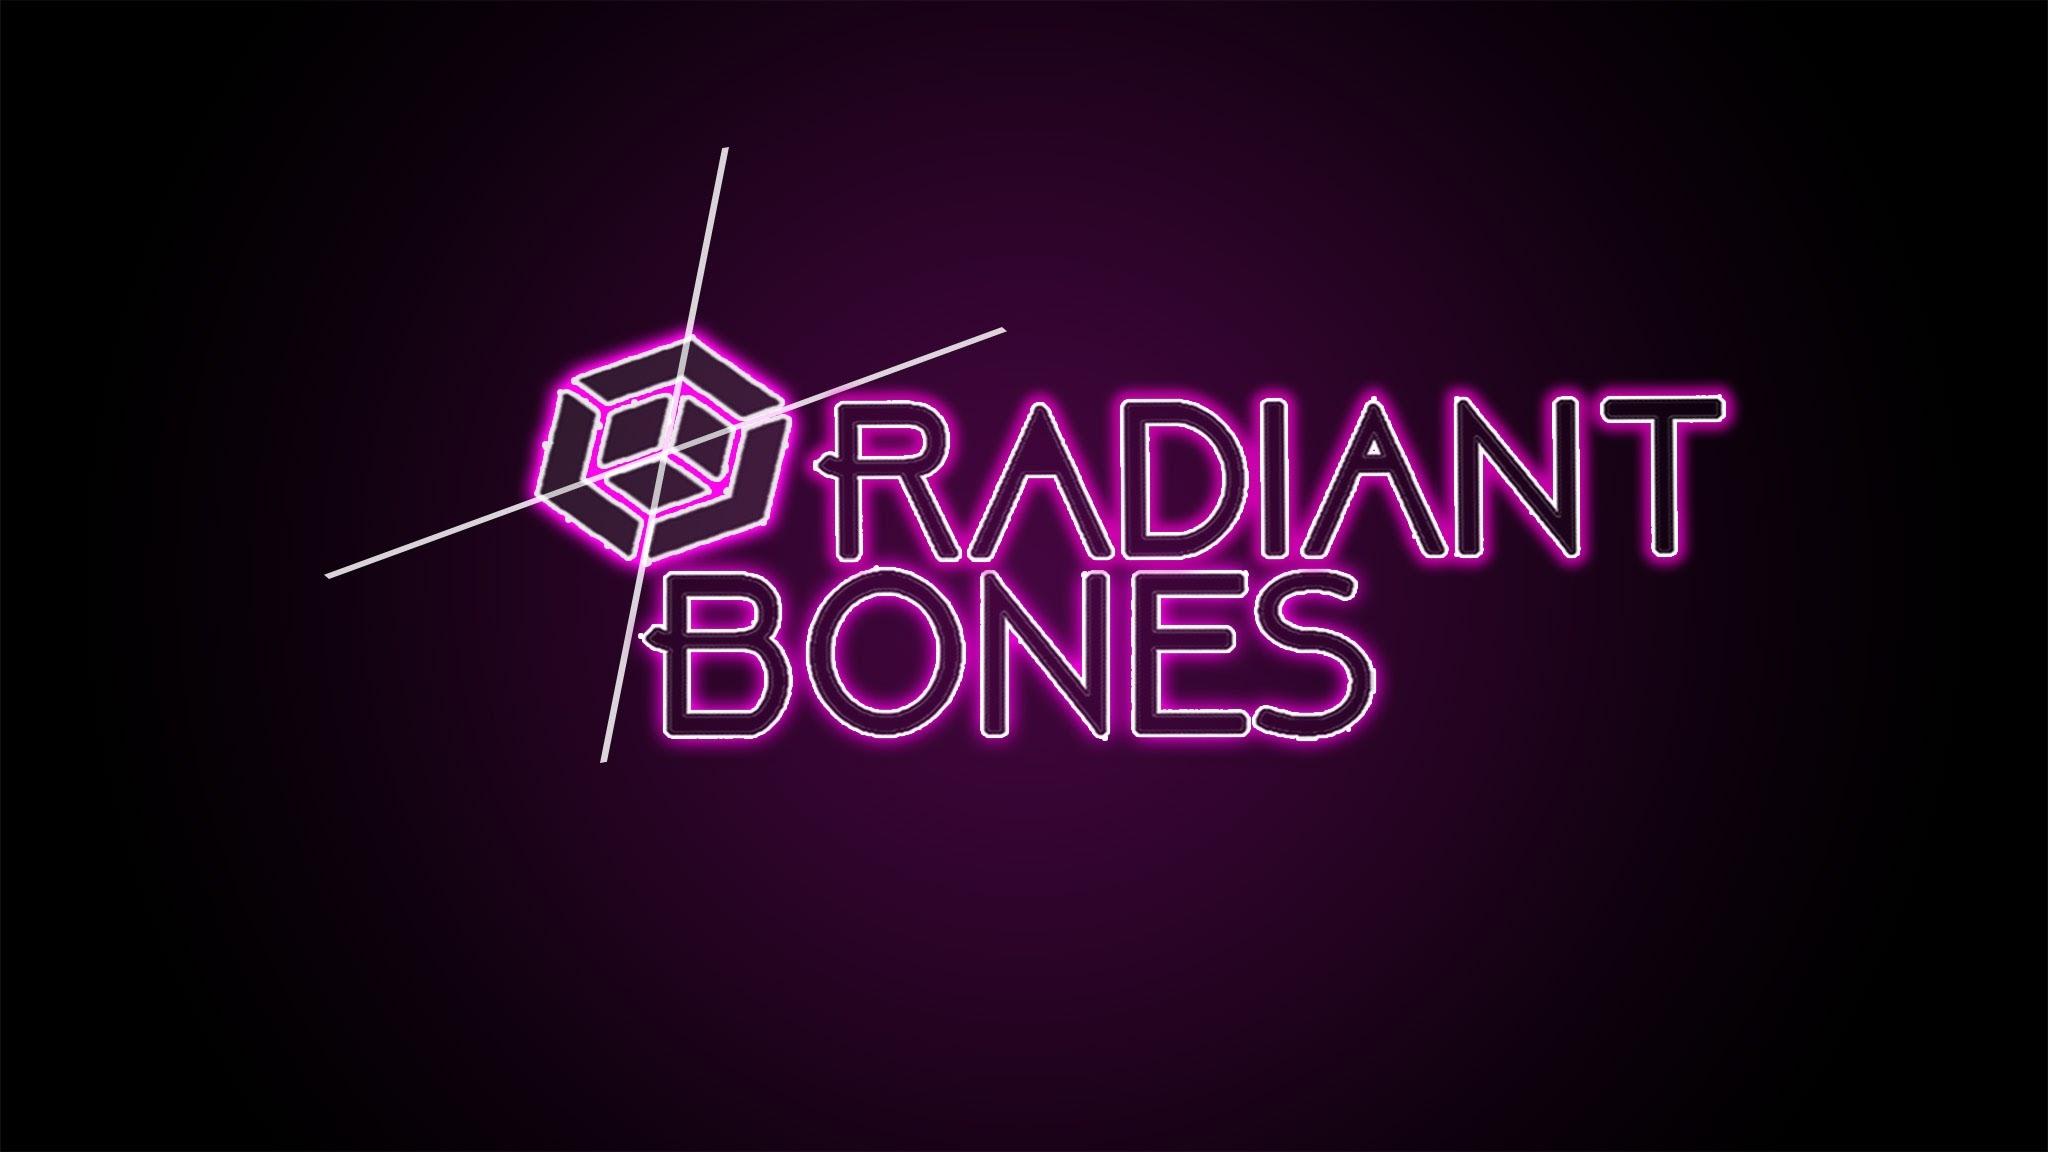 Radiant Bones